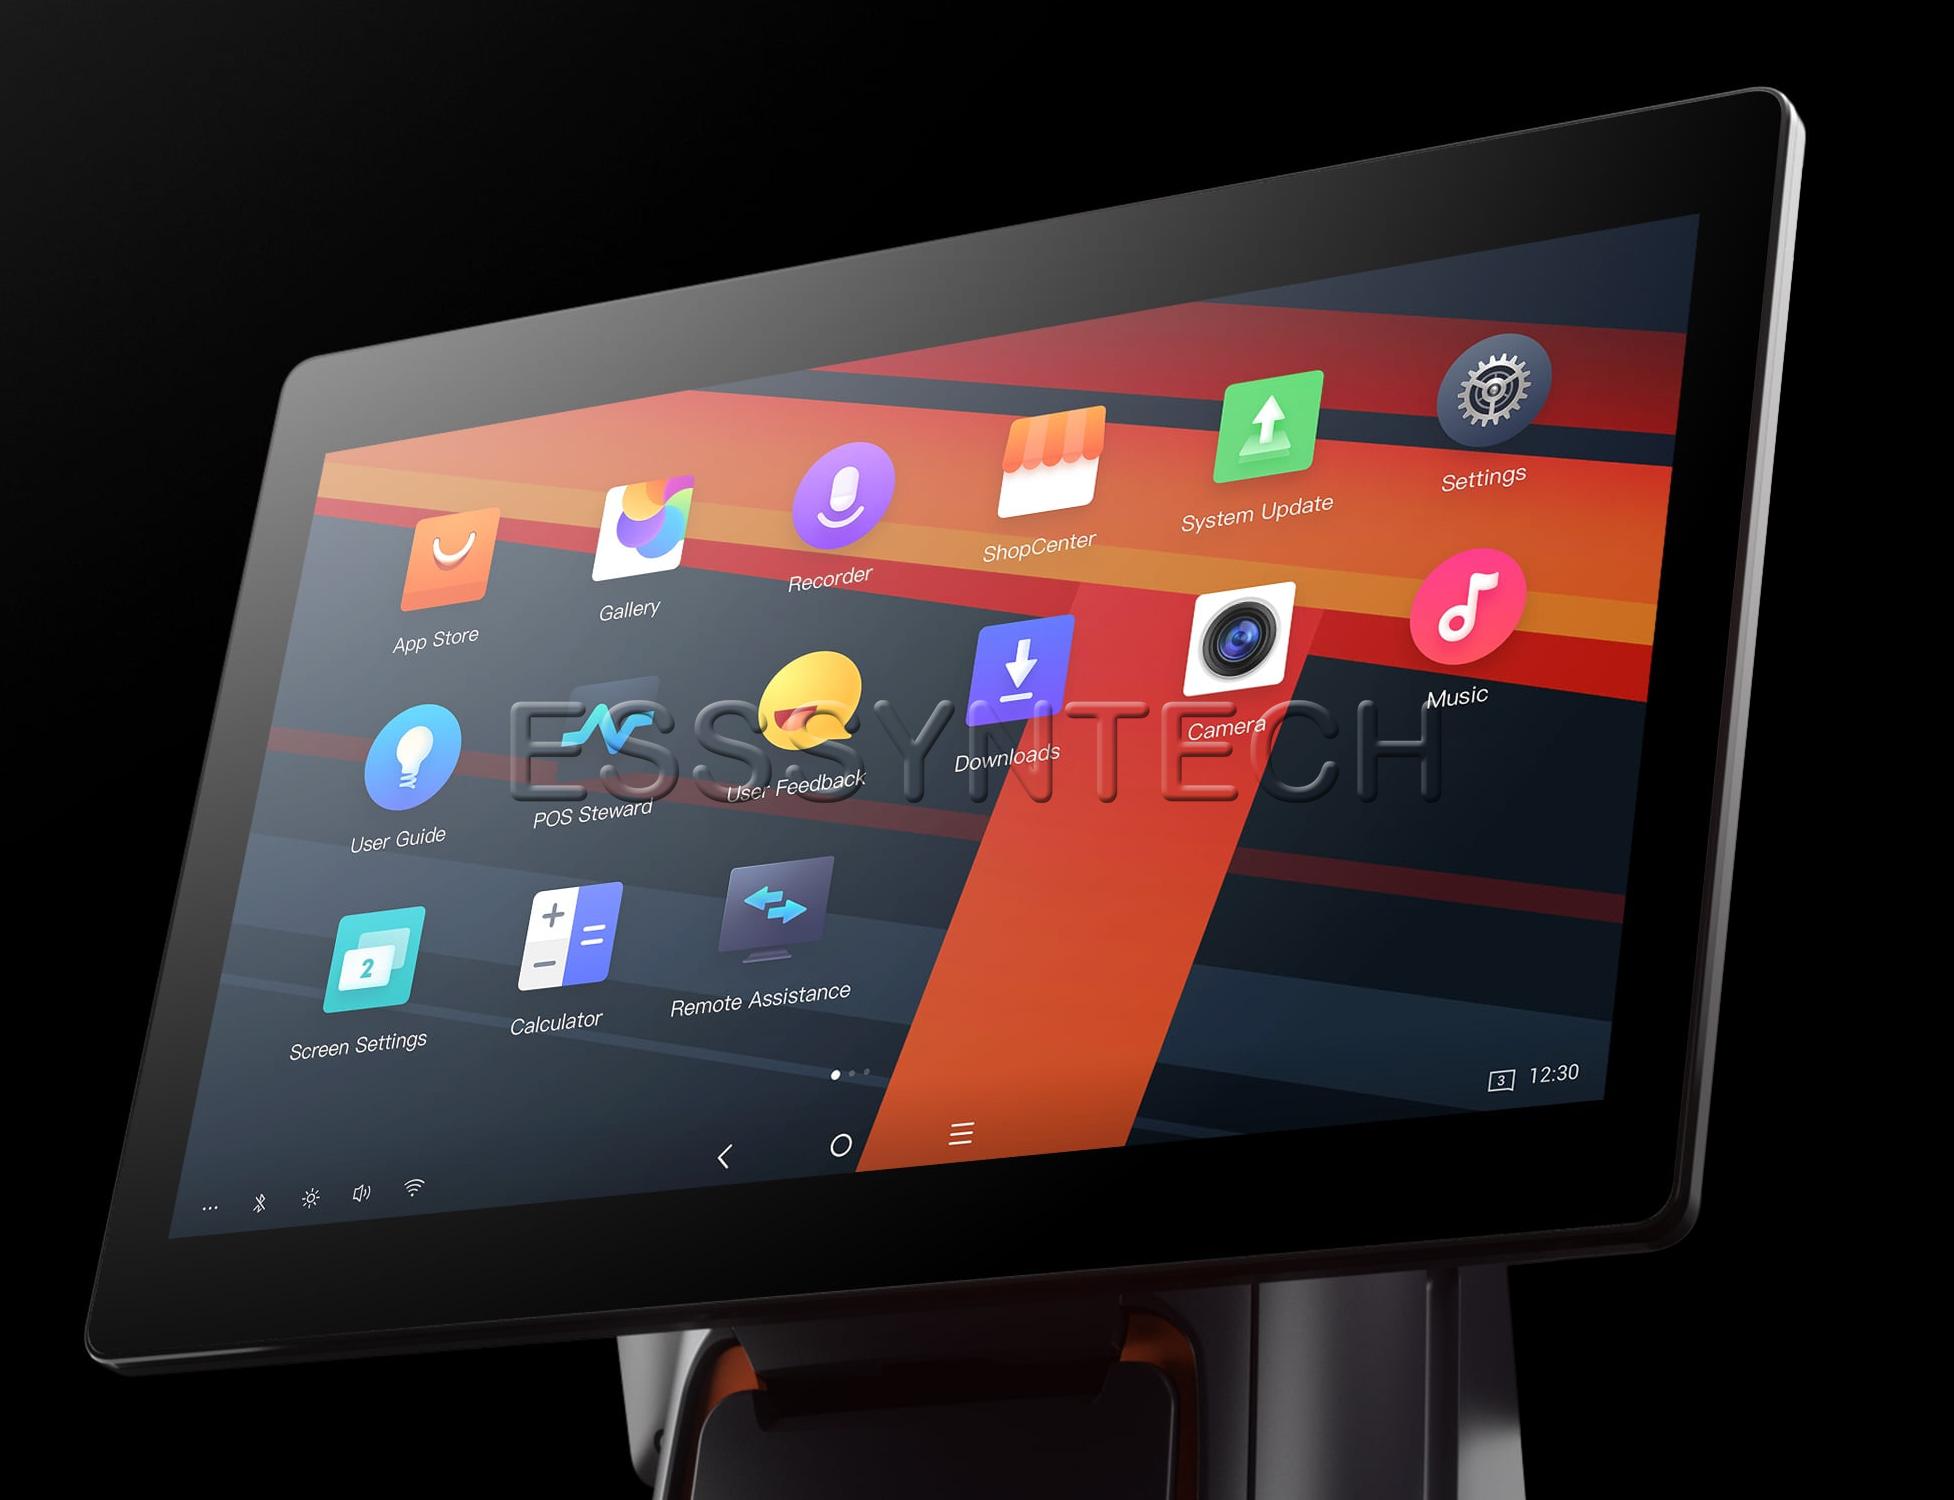 เครื่องแคชเชียร์ pos android ที่แรงที่สุด Sunmi T2s RAM 3 GB ROM 32GB เครื่อง pos all in one เร็ว แรงที่สุด